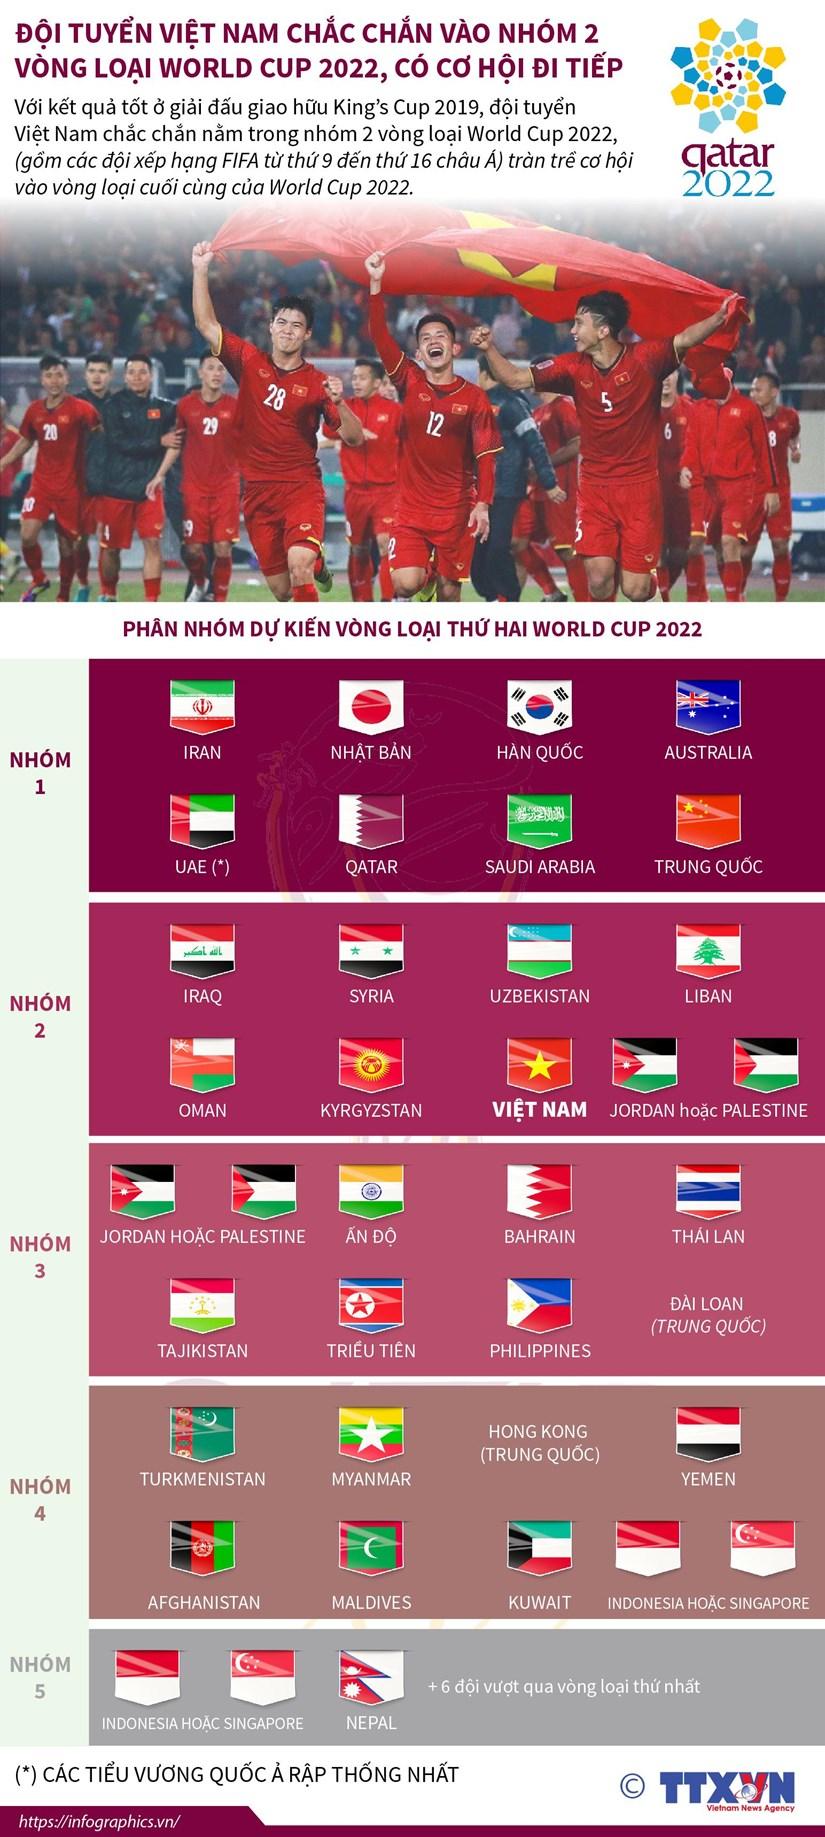 [Infographics] Đội tuyển Việt Nam vào nhóm 2 vòng loại World Cup 2022